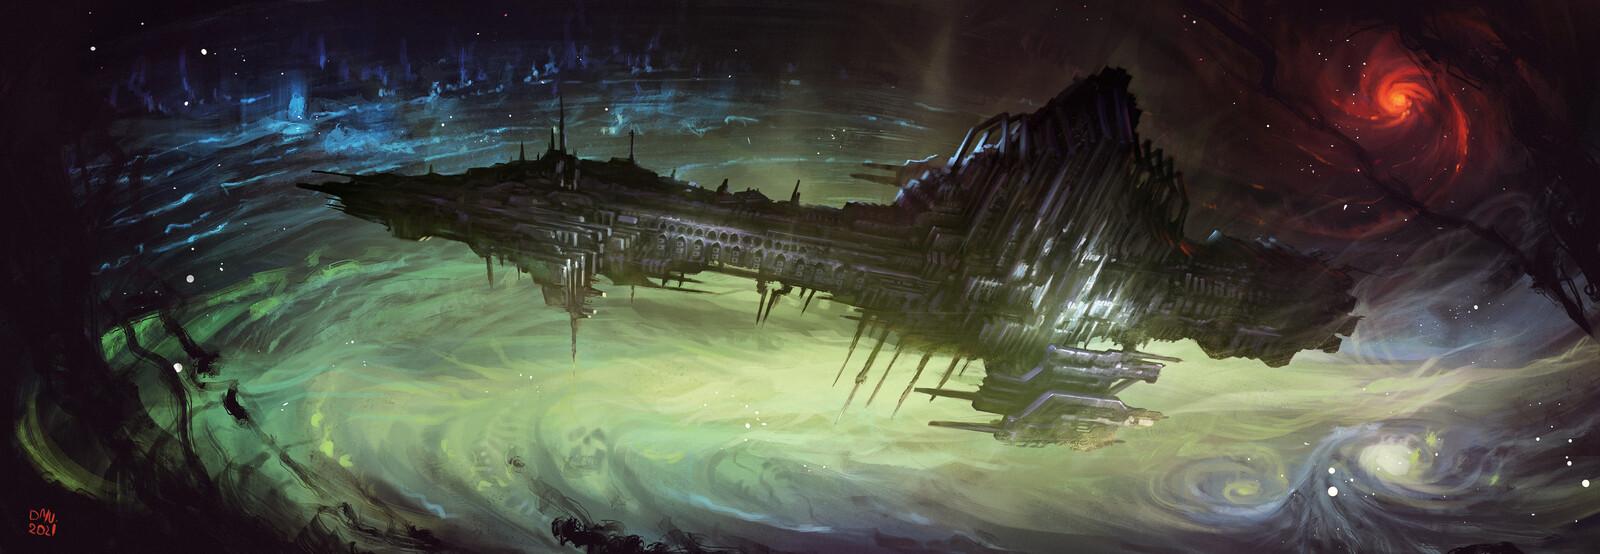 Darkguard Starship